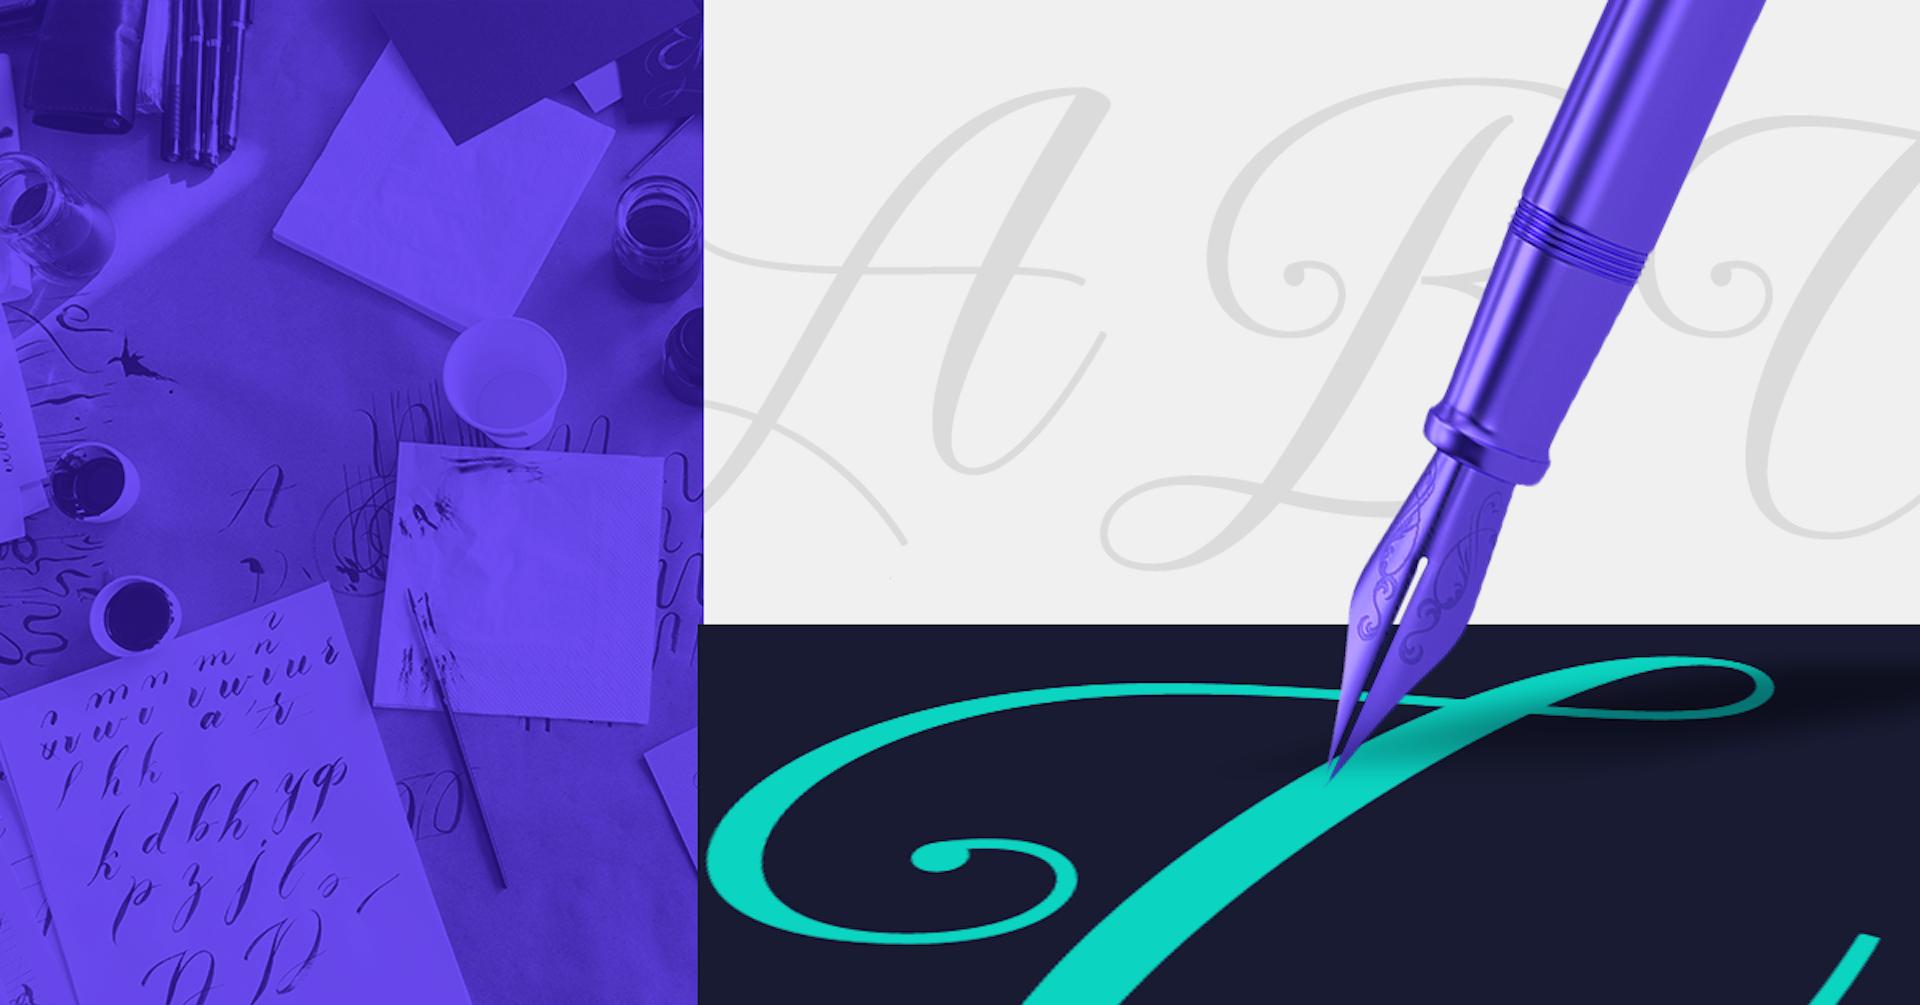 ¿Buscas plumas para caligrafía? ¡Empieza a crear arte con tu escritura!